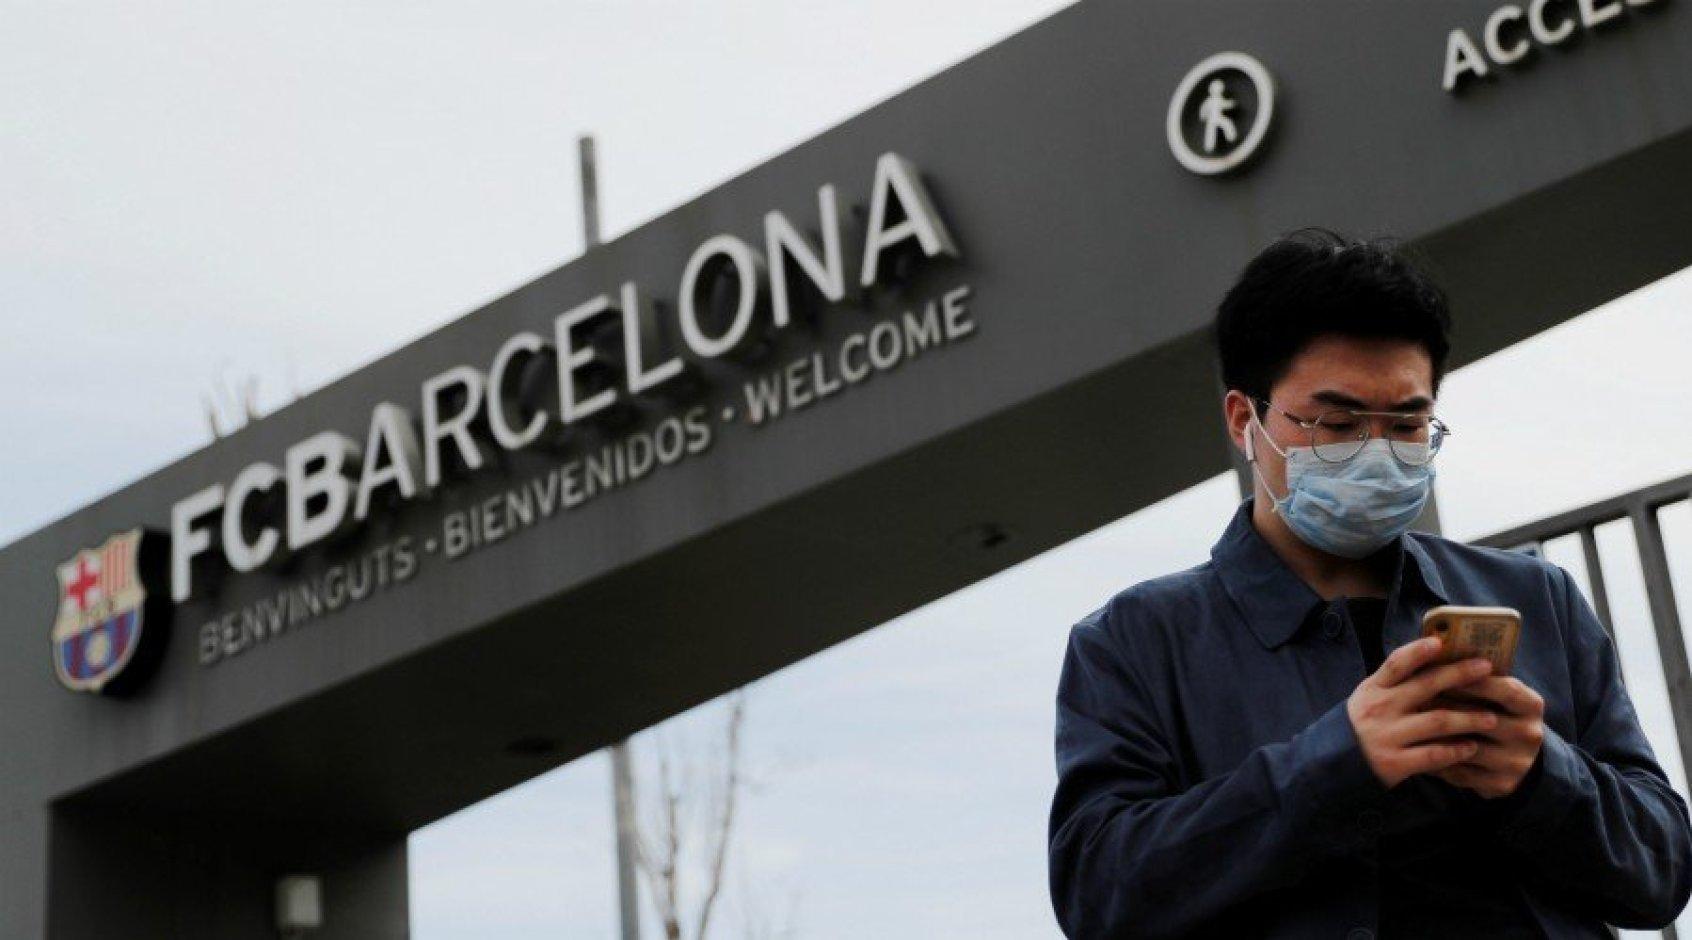 Чемпионат Испании на карантине: хроники коронавируса (обновляется) - изображение 19